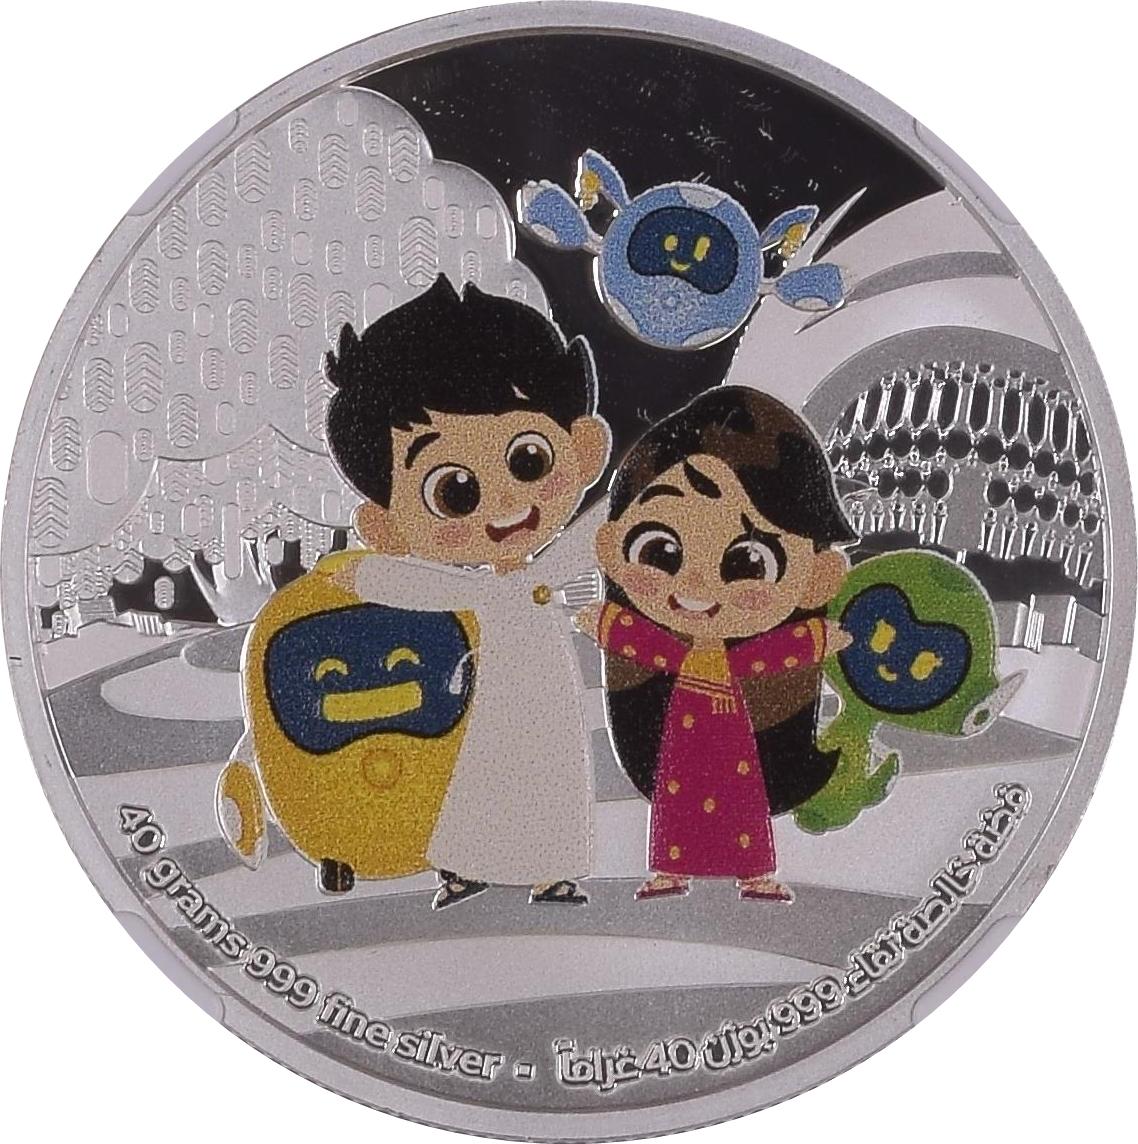 40g Silver Medallion World Expo 2020 Dubai 50 Dirhams